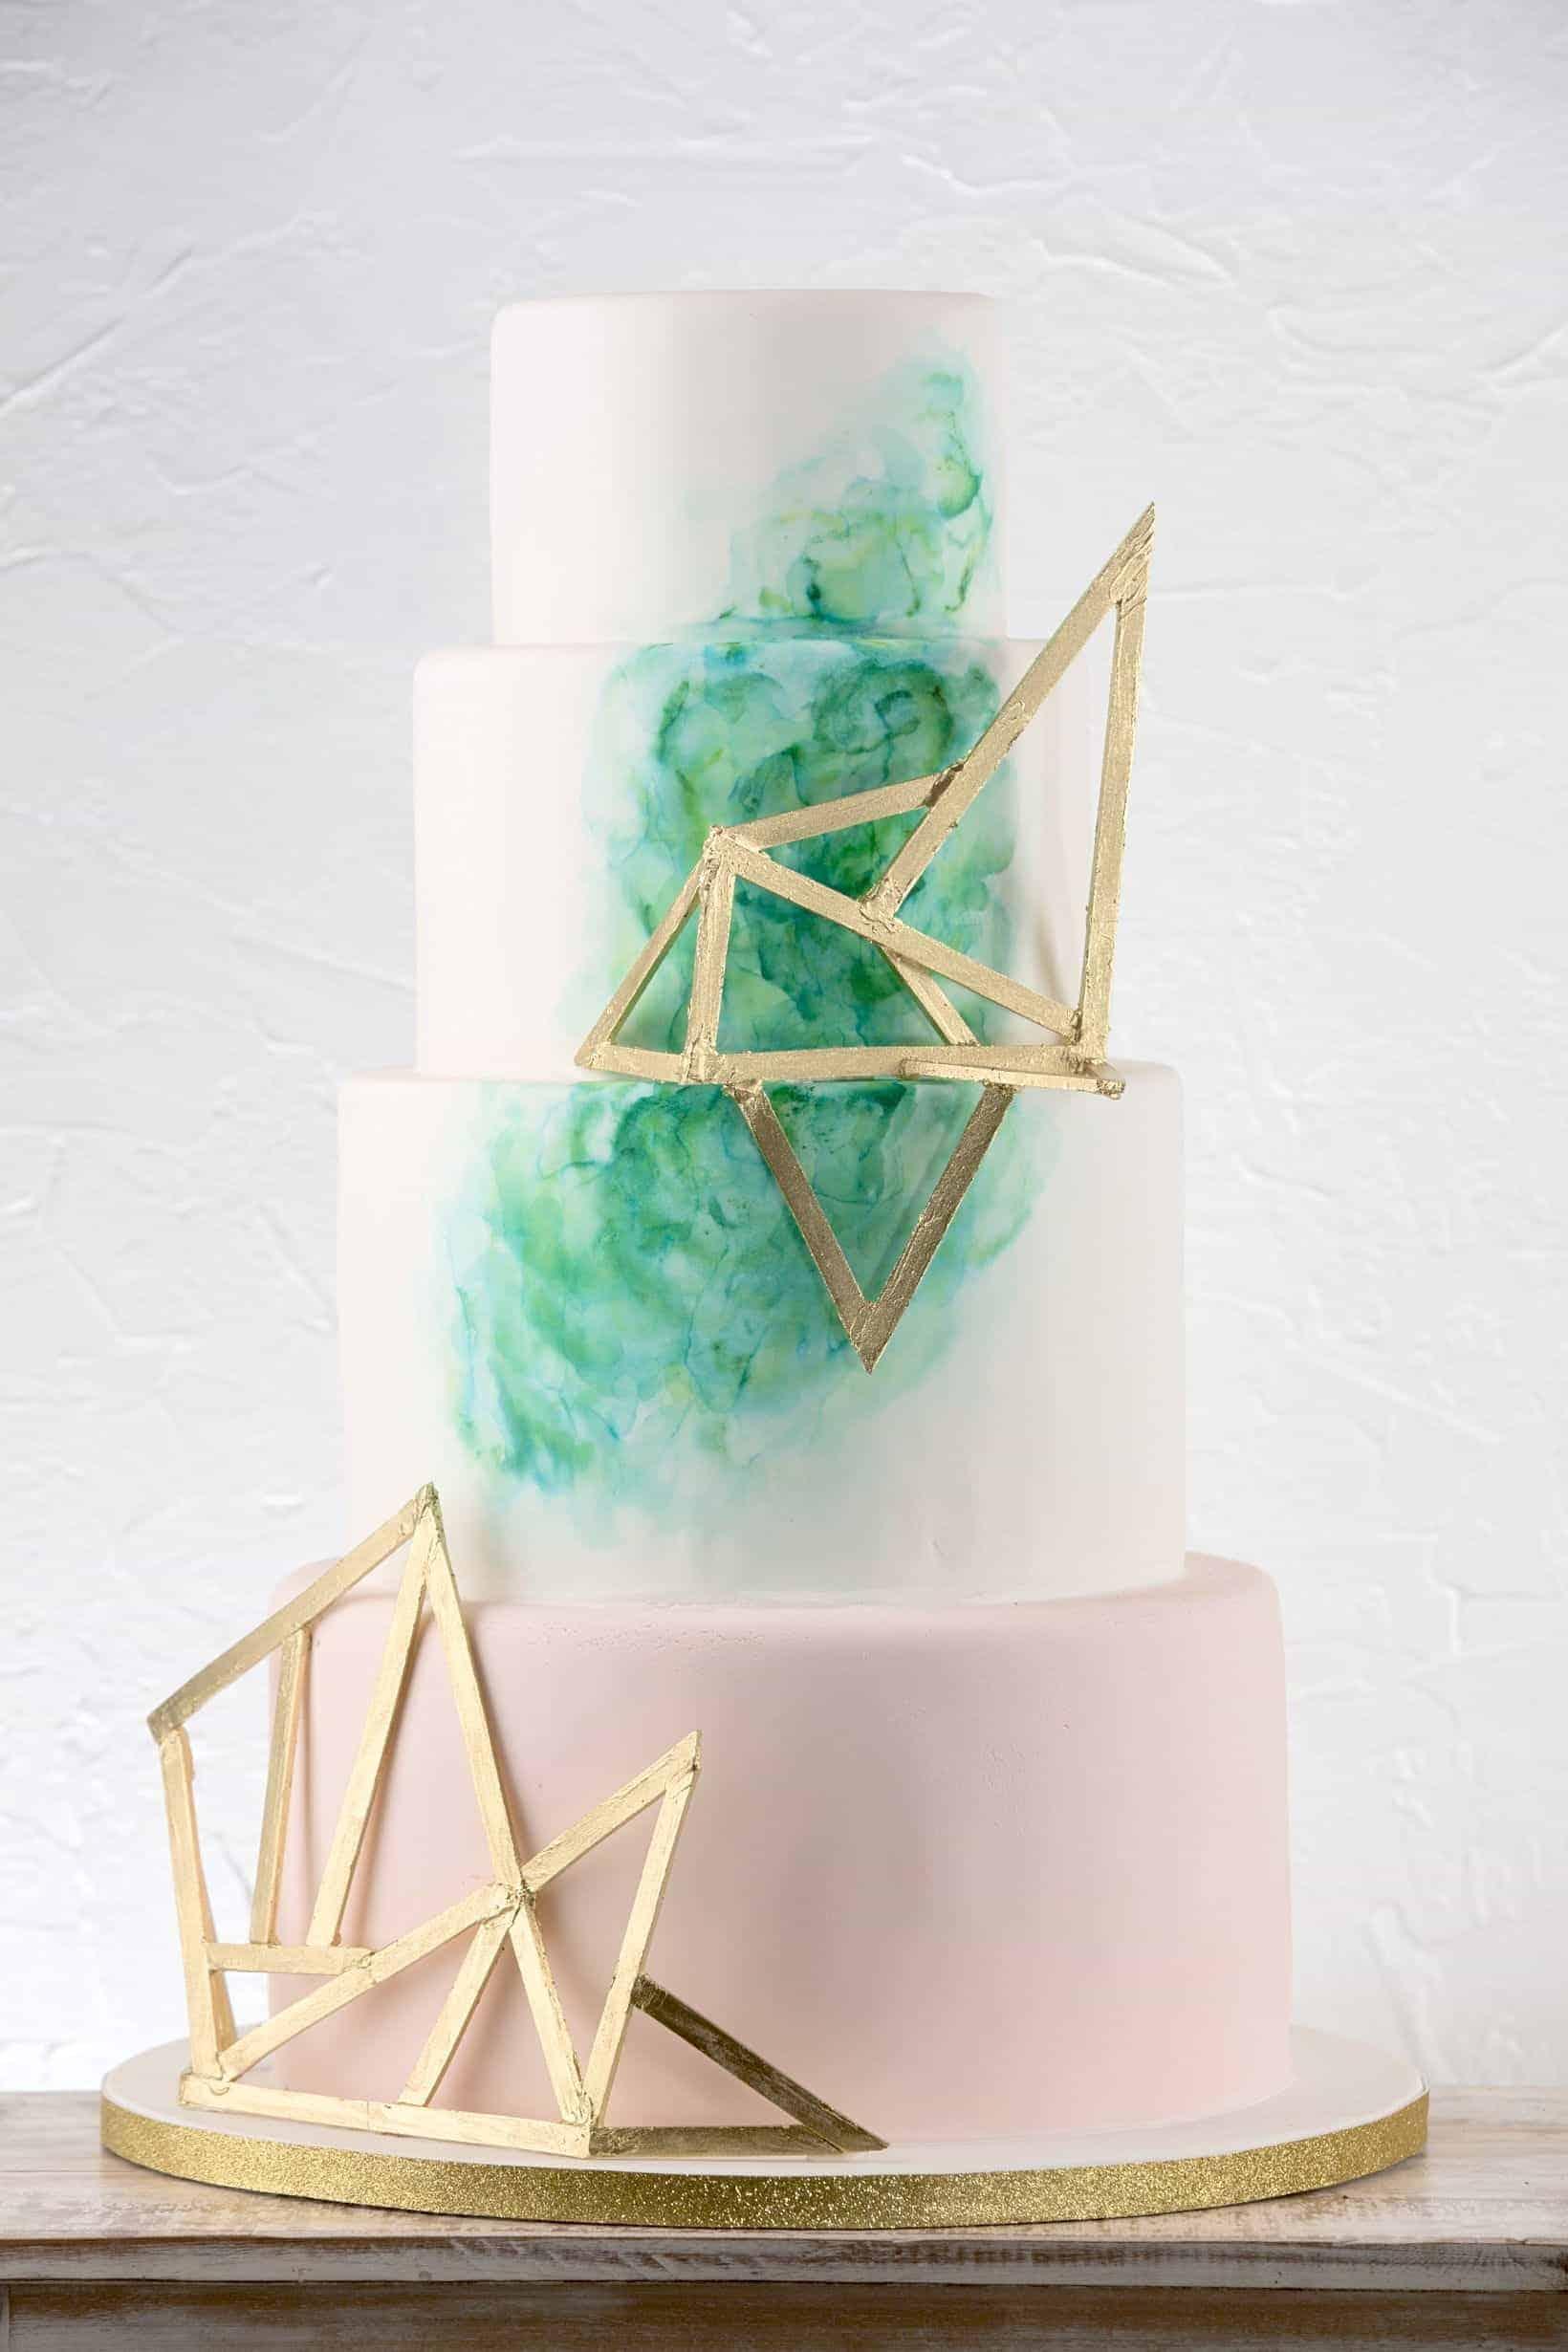 γαμήλια τούρτα με γεωμετρικές λεπτομέρειες